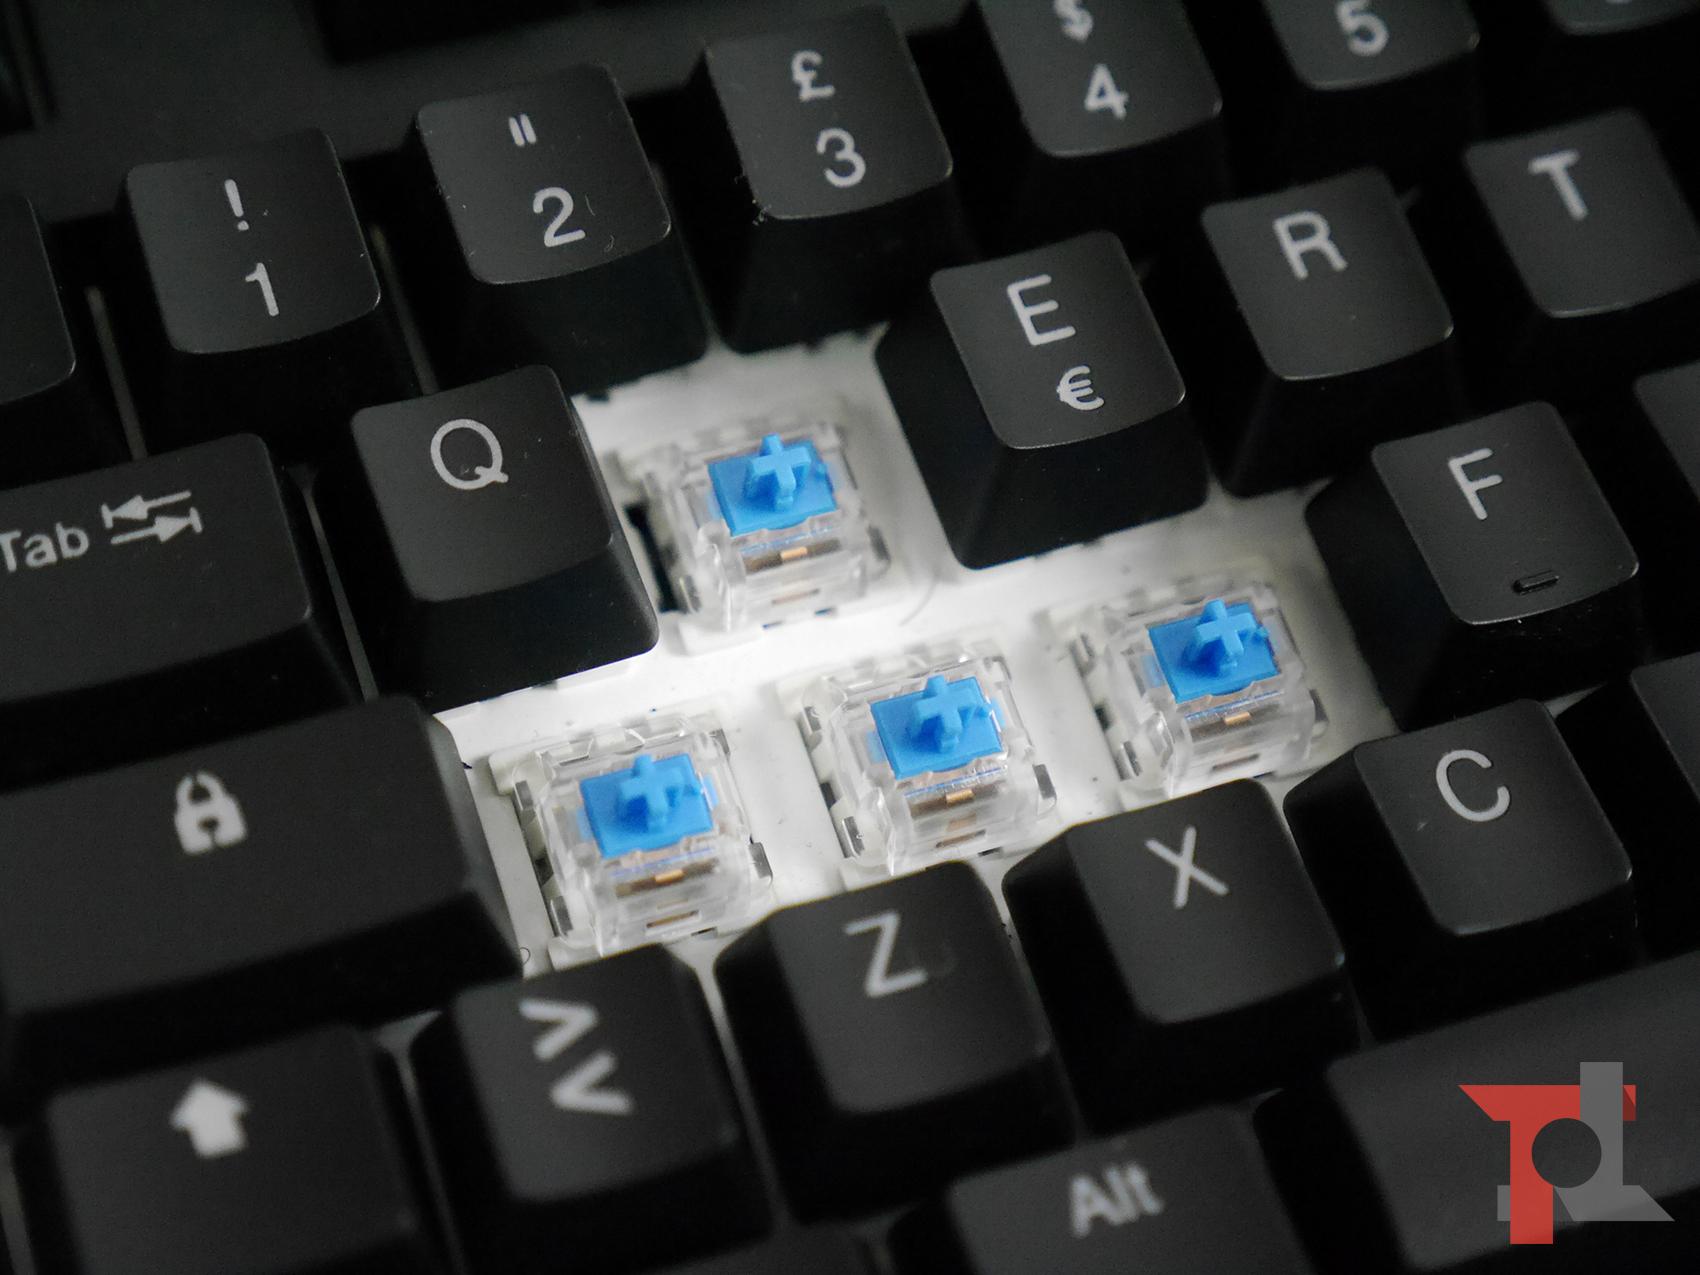 Recensione Tronsmart TK09R: un'ottima tastiera meccanica RGB a meno di 60€ 5